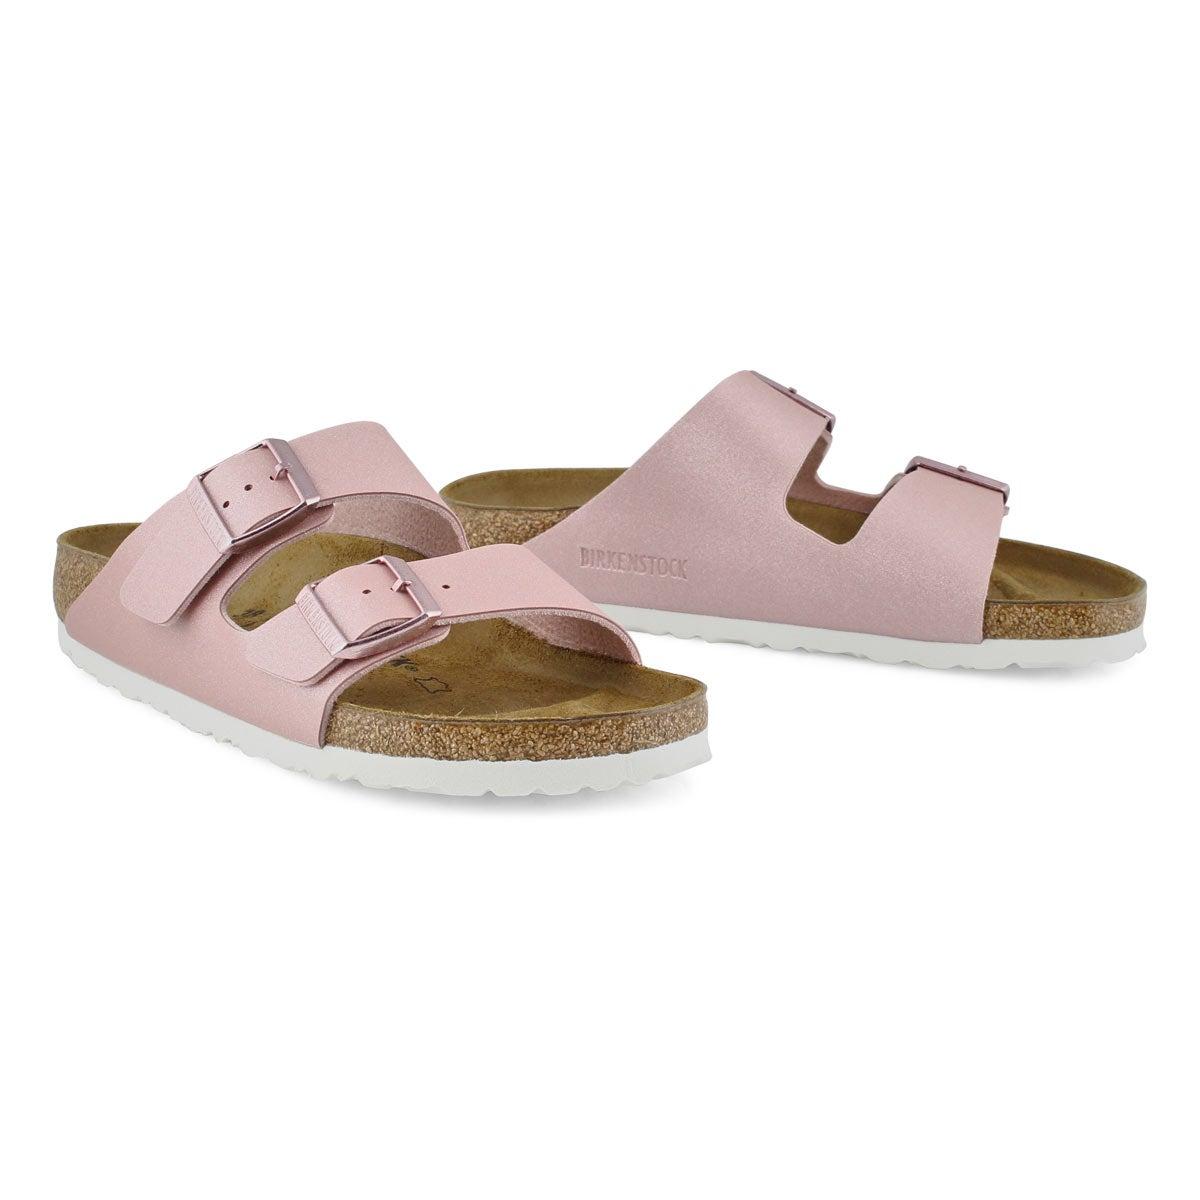 Women's Arizona BF Narrown Sandal - Metallic Rose